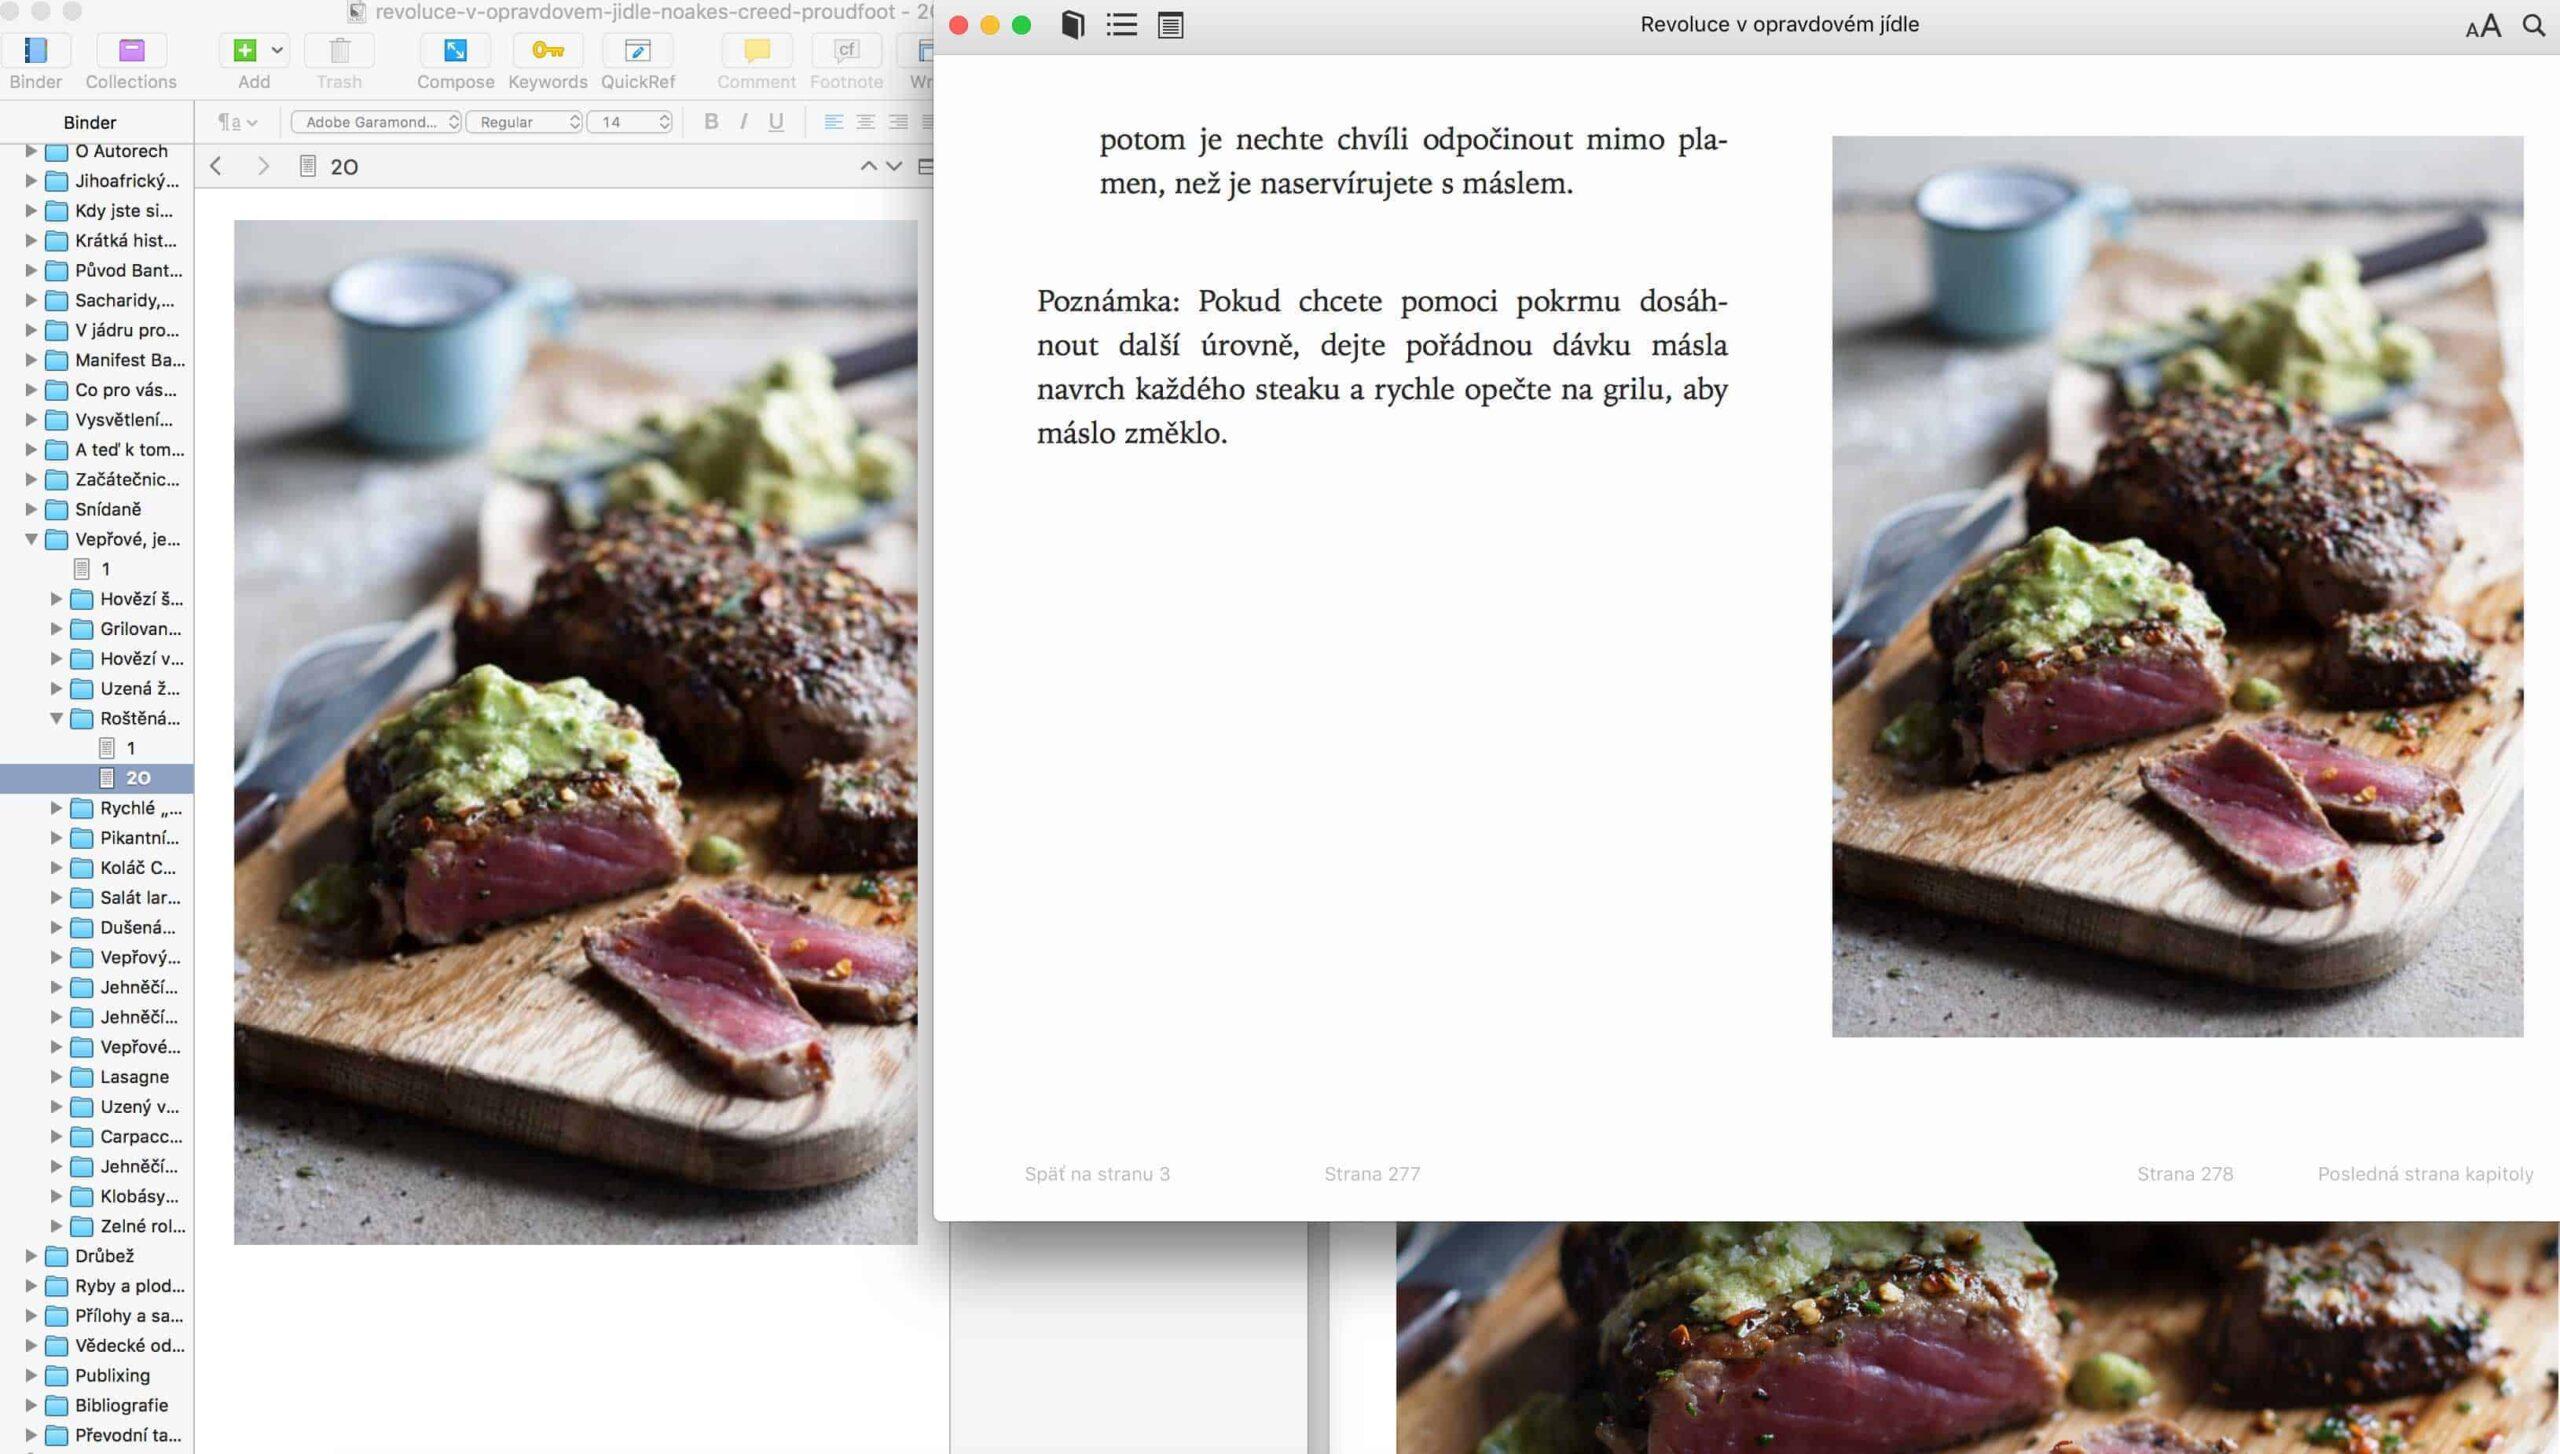 Príprave e-knihy Revoluce v opravdovém jídle